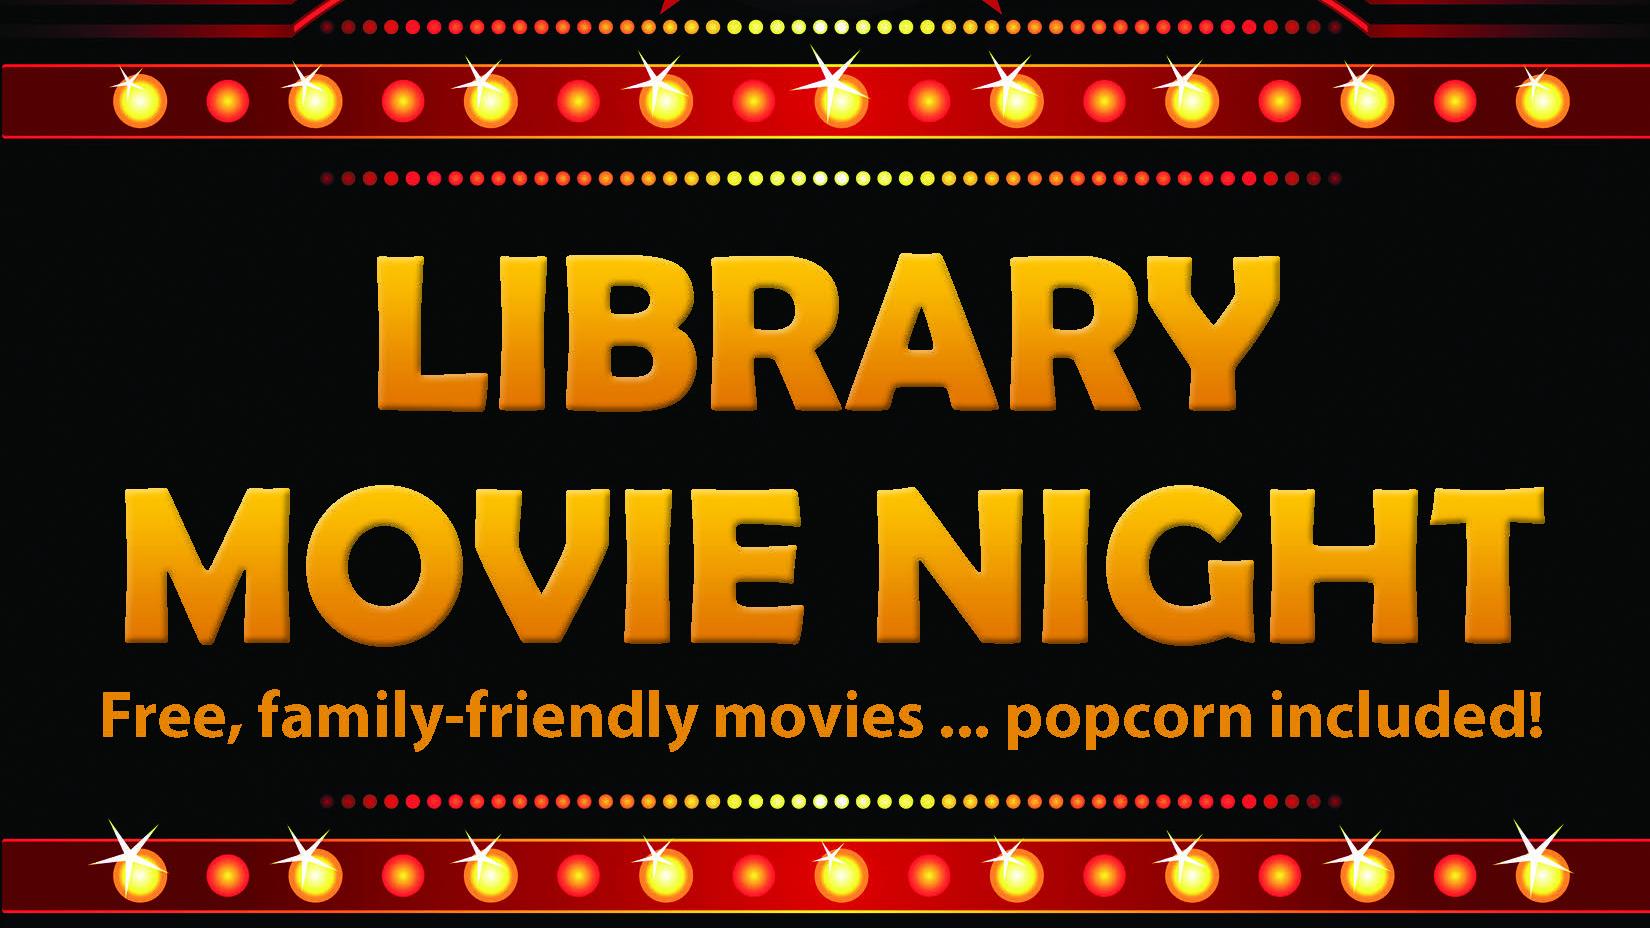 Library Movie Night